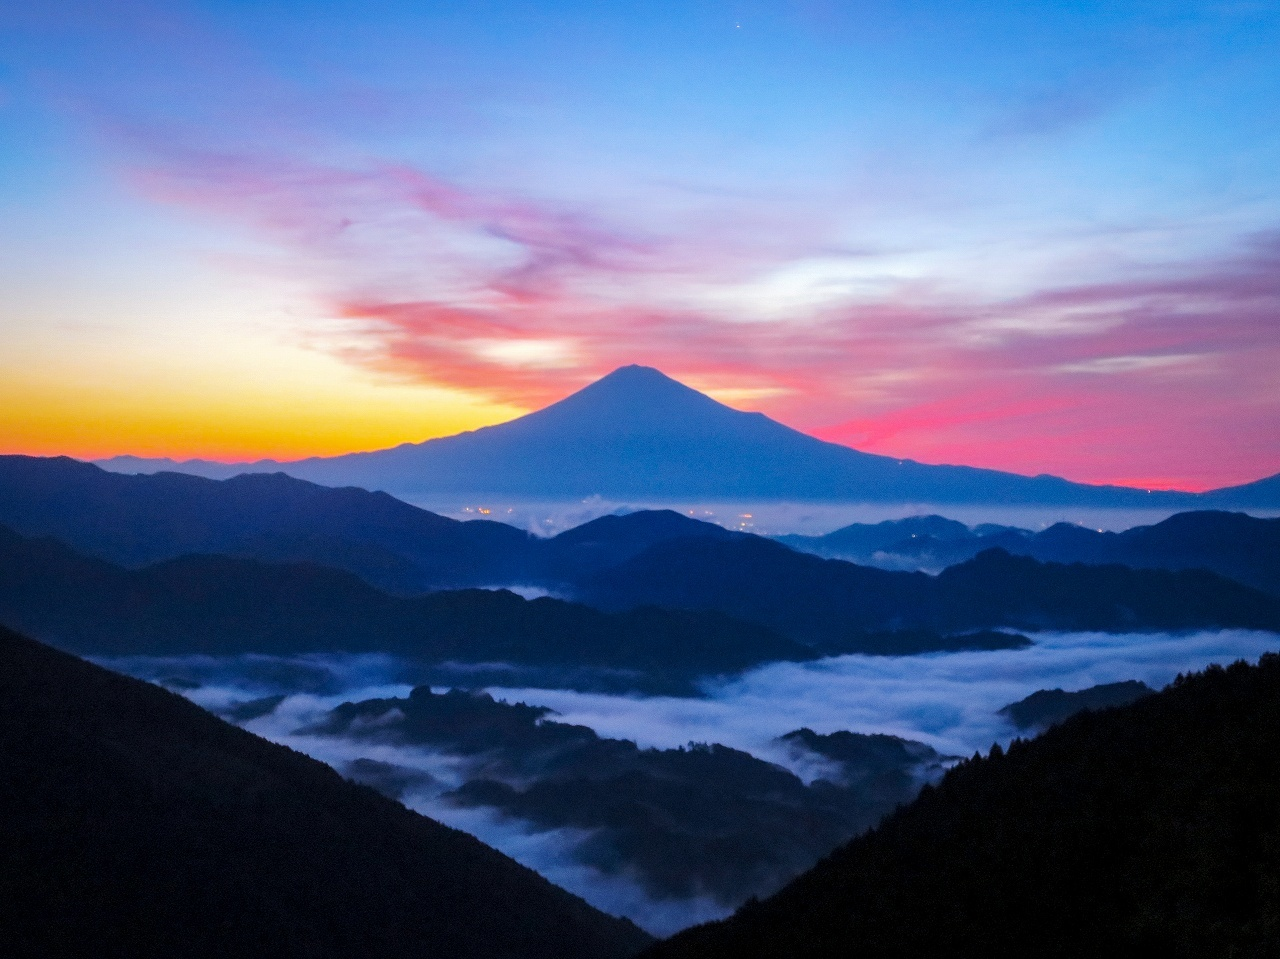 2018.6.25早朝の富士山と雲海(吉原)_e0321032_15322308.jpg